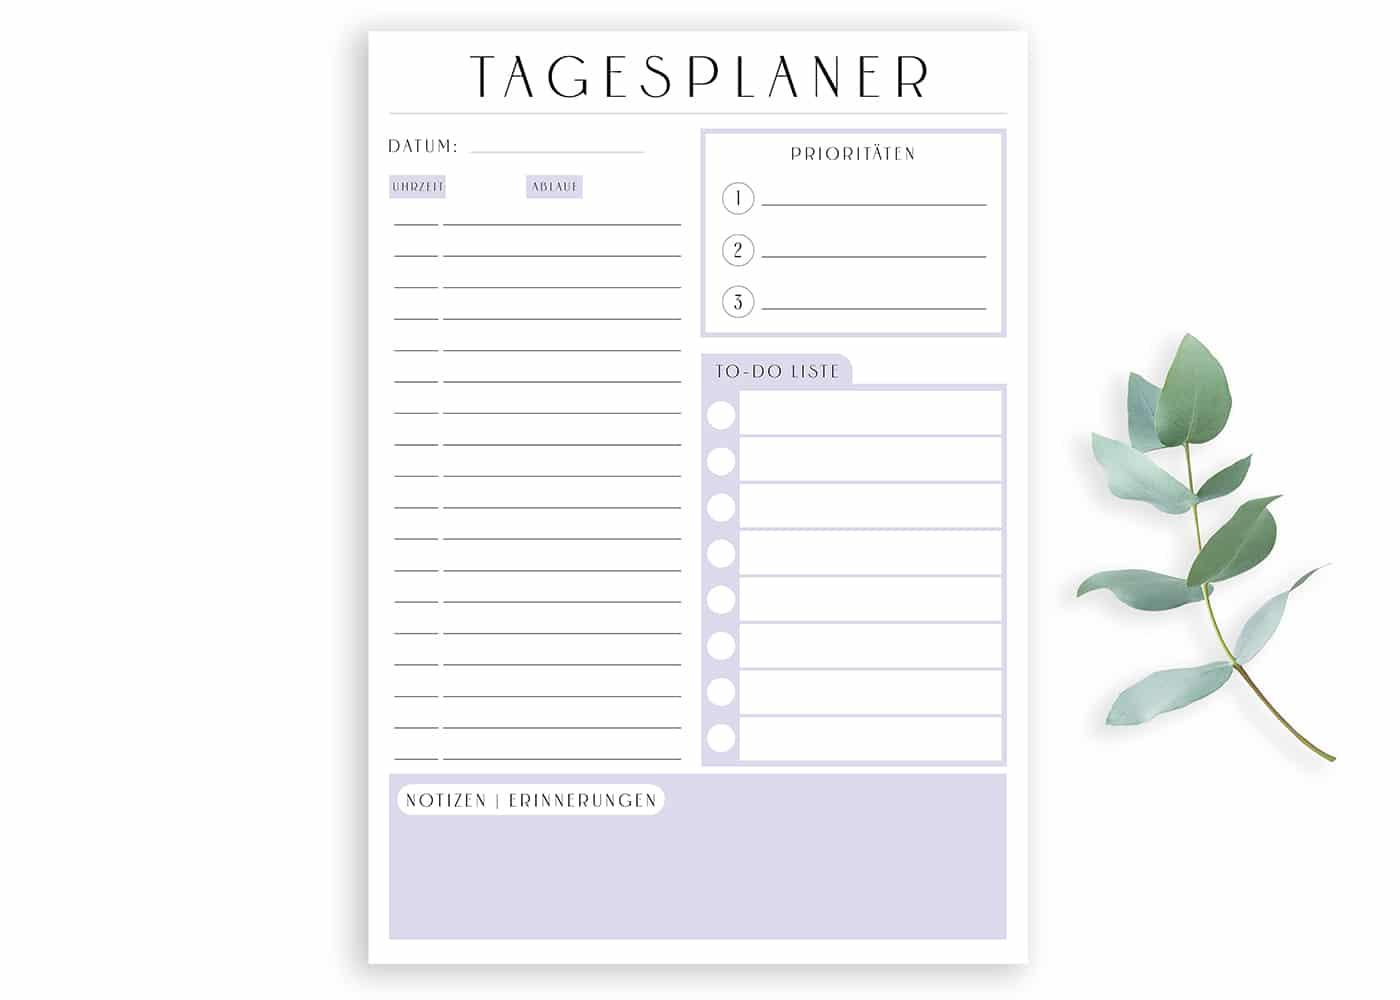 Tagesplaner_Vorlage_lila_pdf_Minimal_Purple_zum_ausdrucken_digital